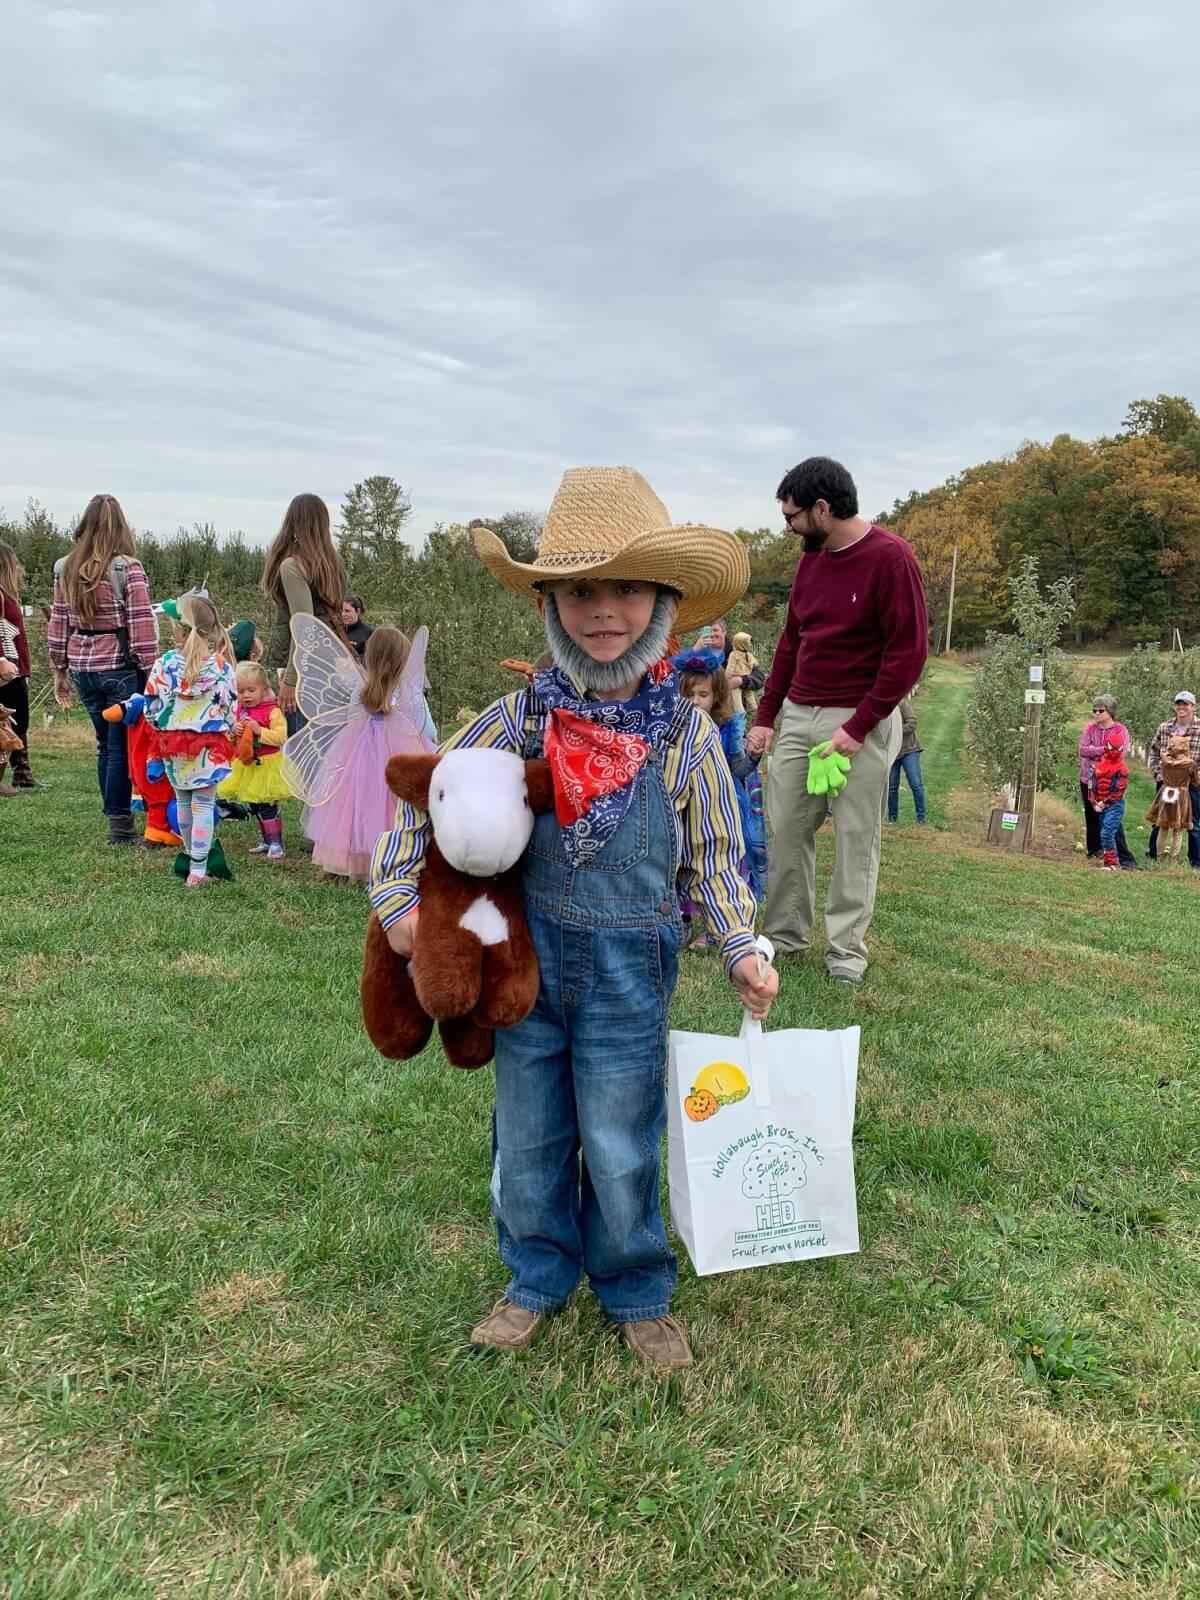 Boy dressed as a farmer